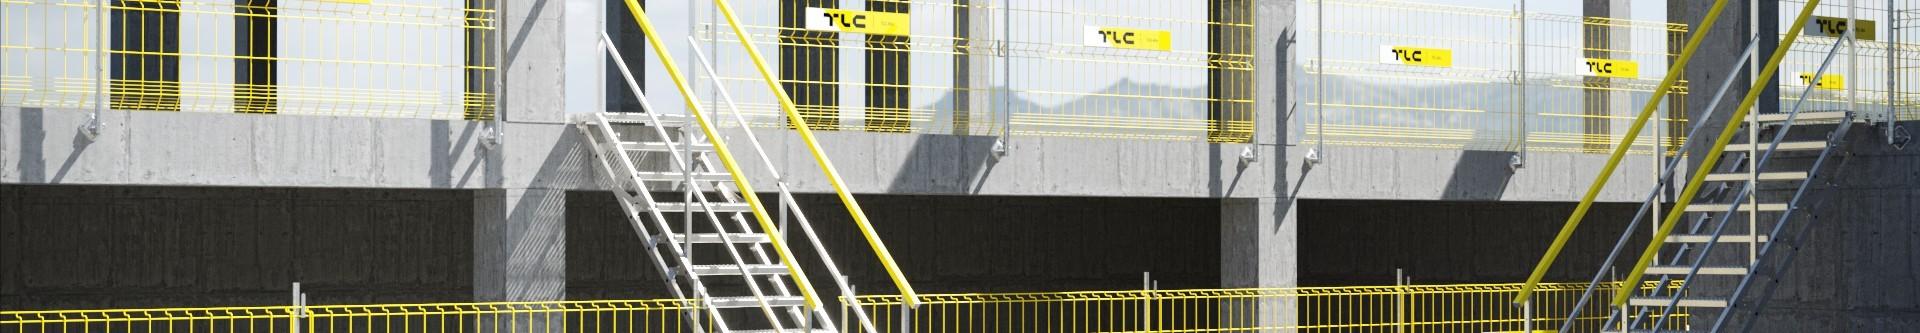 Schody kontenerowe, stalowe z podestem - zewnętrzna klatka schodowa | Sklep internetowy TLC Rental